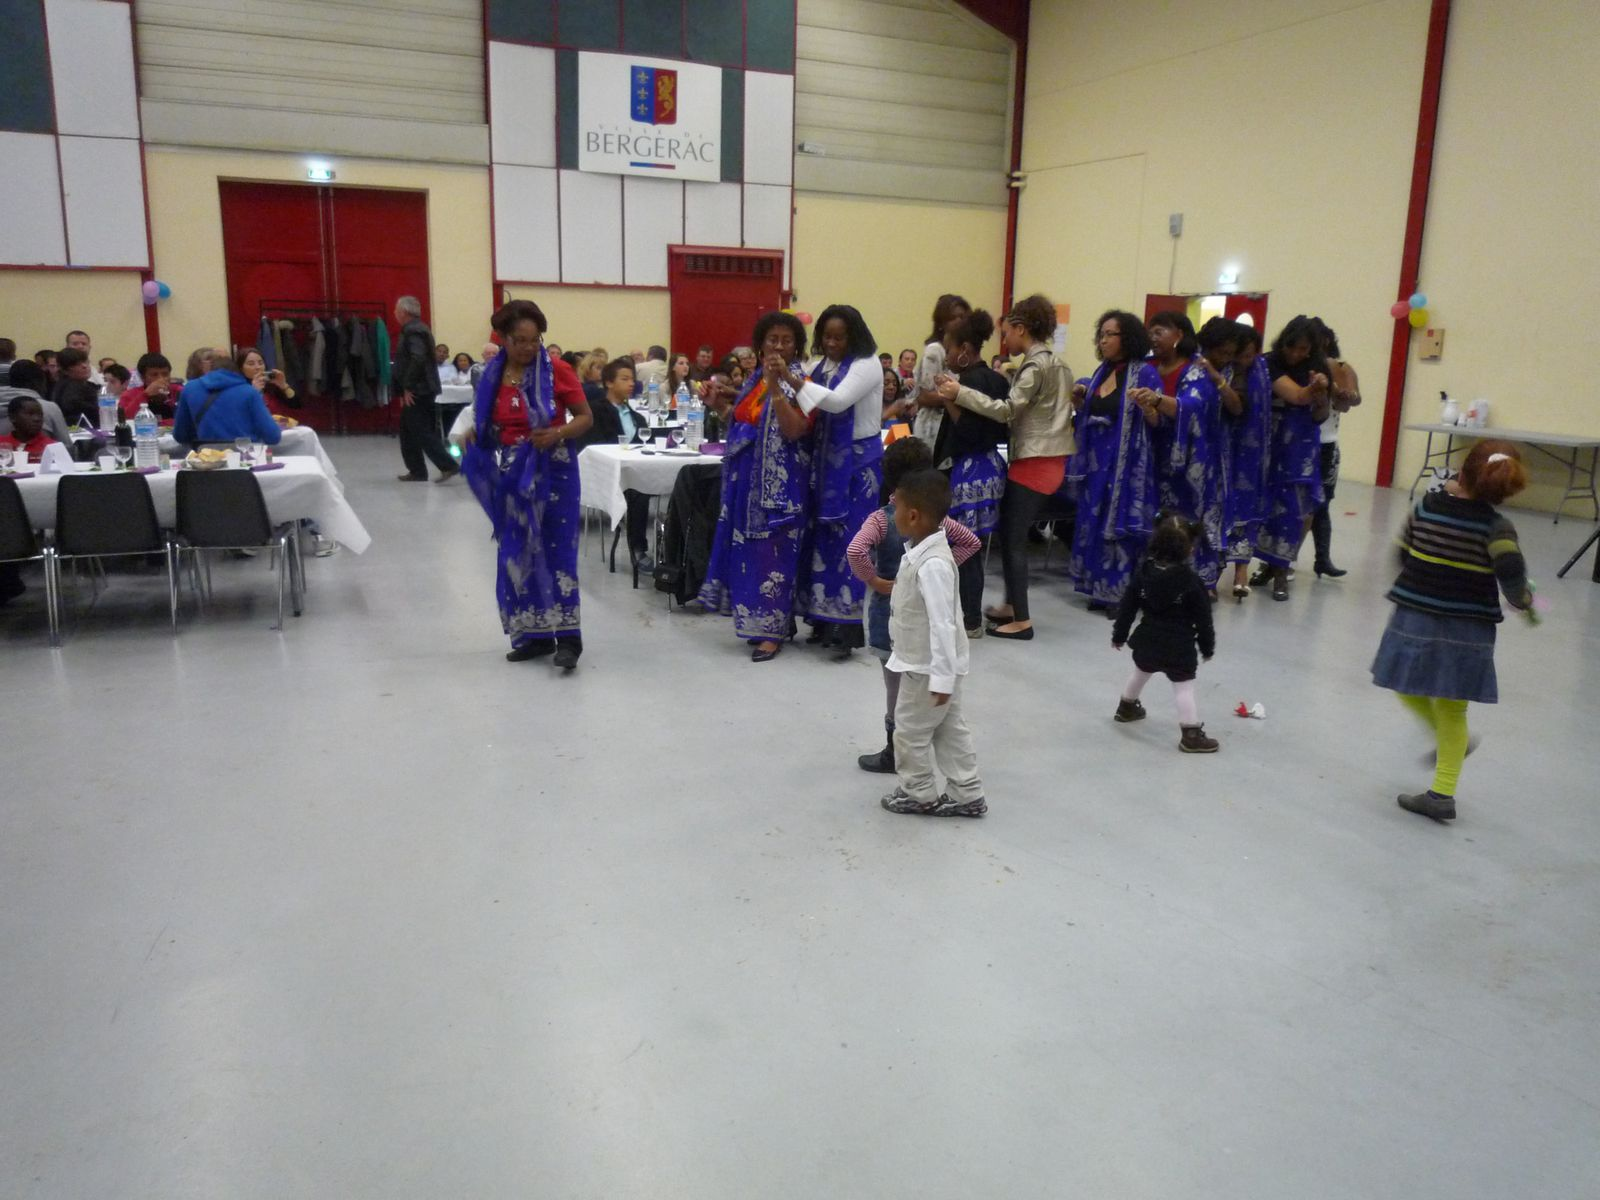 Mai : Toutes les images de la soirée GA.MI.SO ! Soirée de bienfaisance en faveur de Madagascar à Bergerac